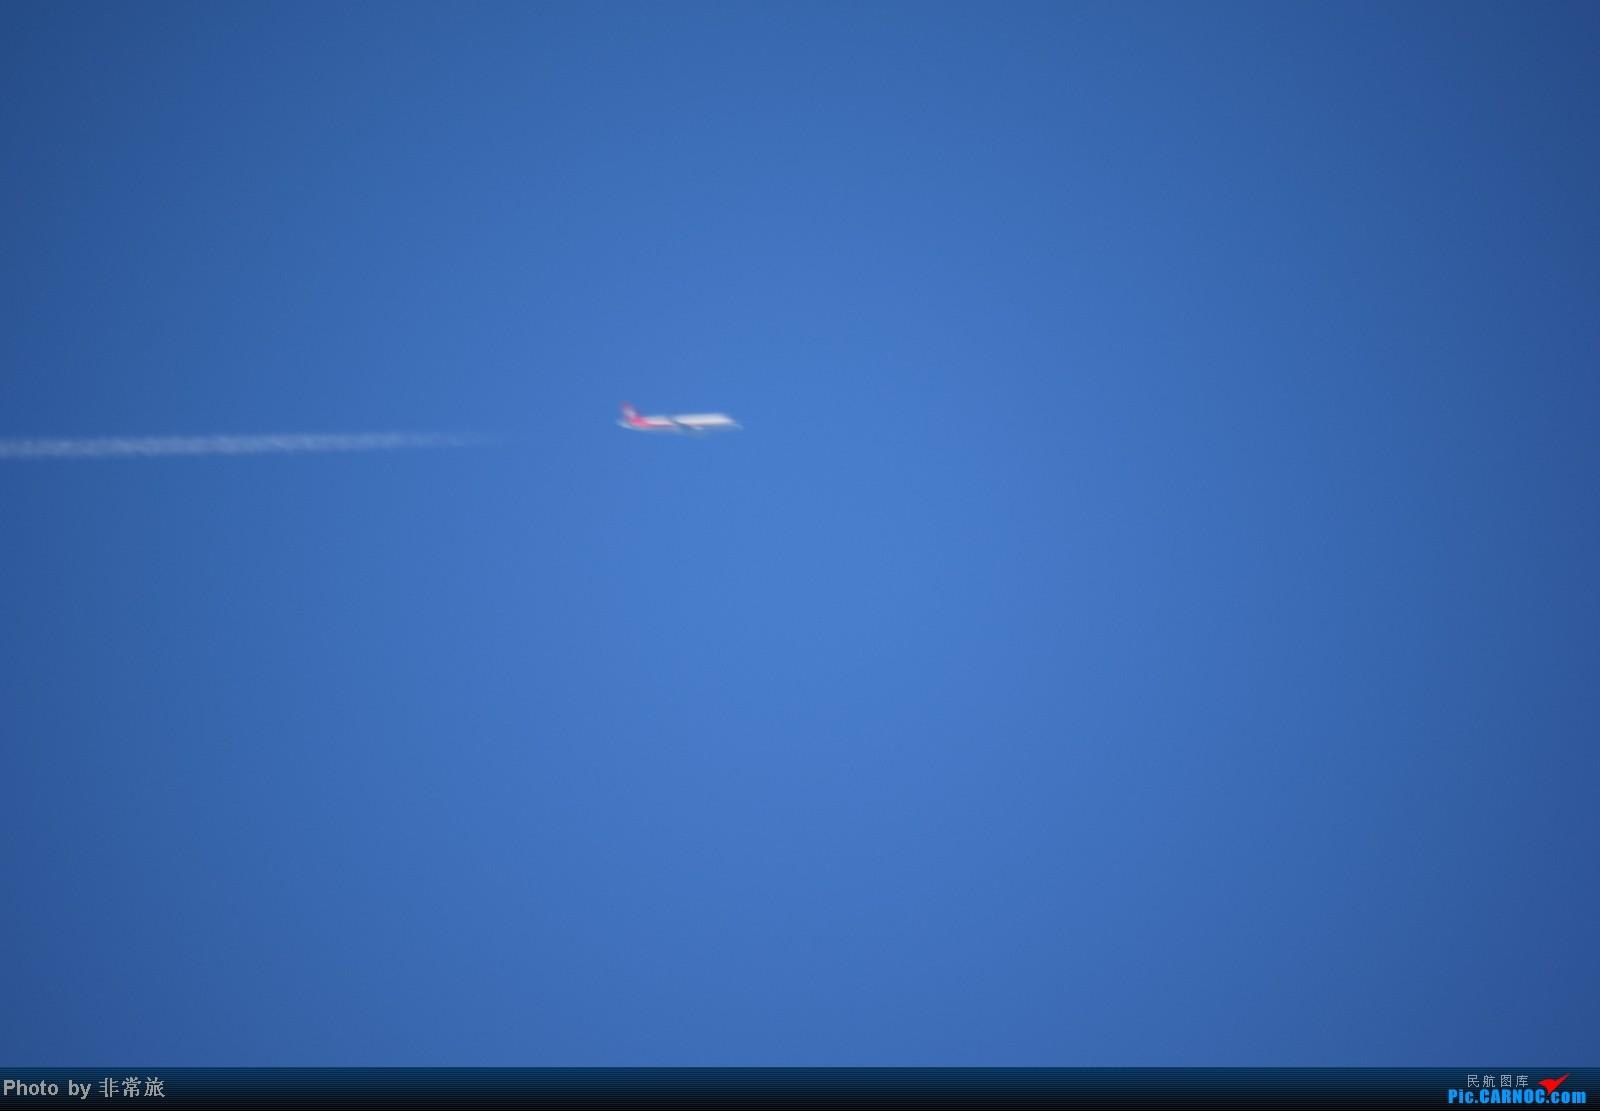 Re:[原创]大年三十除夕夜,三万英尺云霄间。